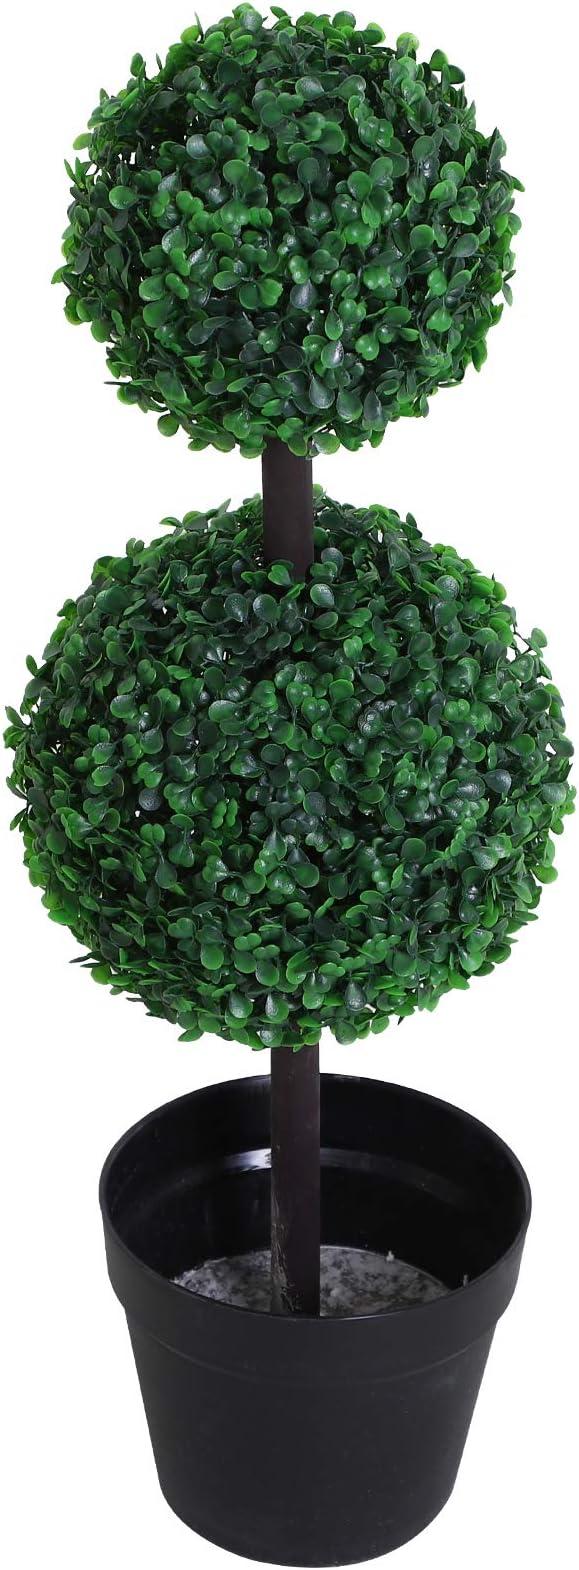 F32cm X 112cm Outsunny Pianta Artificiale Bosso A Spirale Verde Decorativo Per Interni Ed Esterni Con Vaso Incluso Decorazioni Per Interni Casa E Cucina